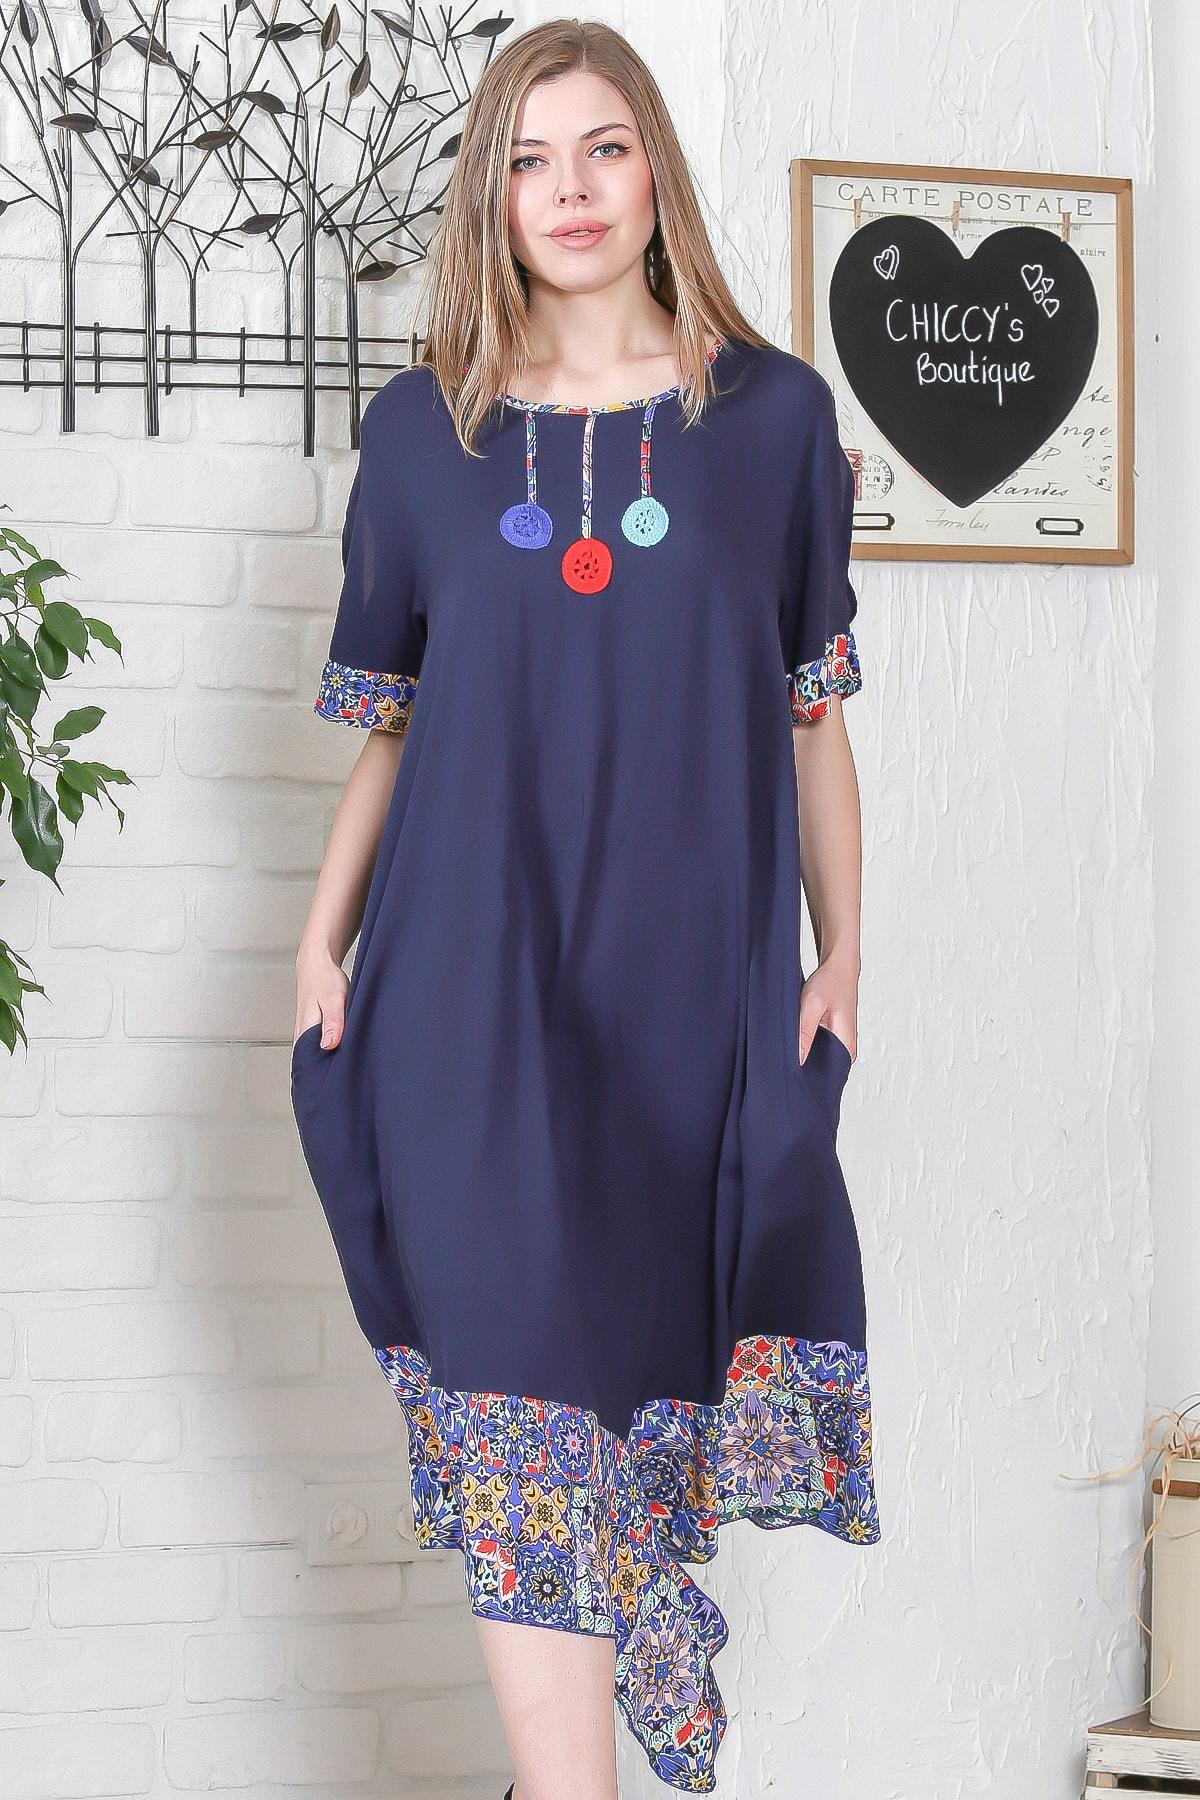 Chiccy Kadın Lacivert El İşi Çiçek İşlemeli Kol Ve Etek Ucu Çini Desen Bloklu Cepli Elbise M10160000EL95276 0